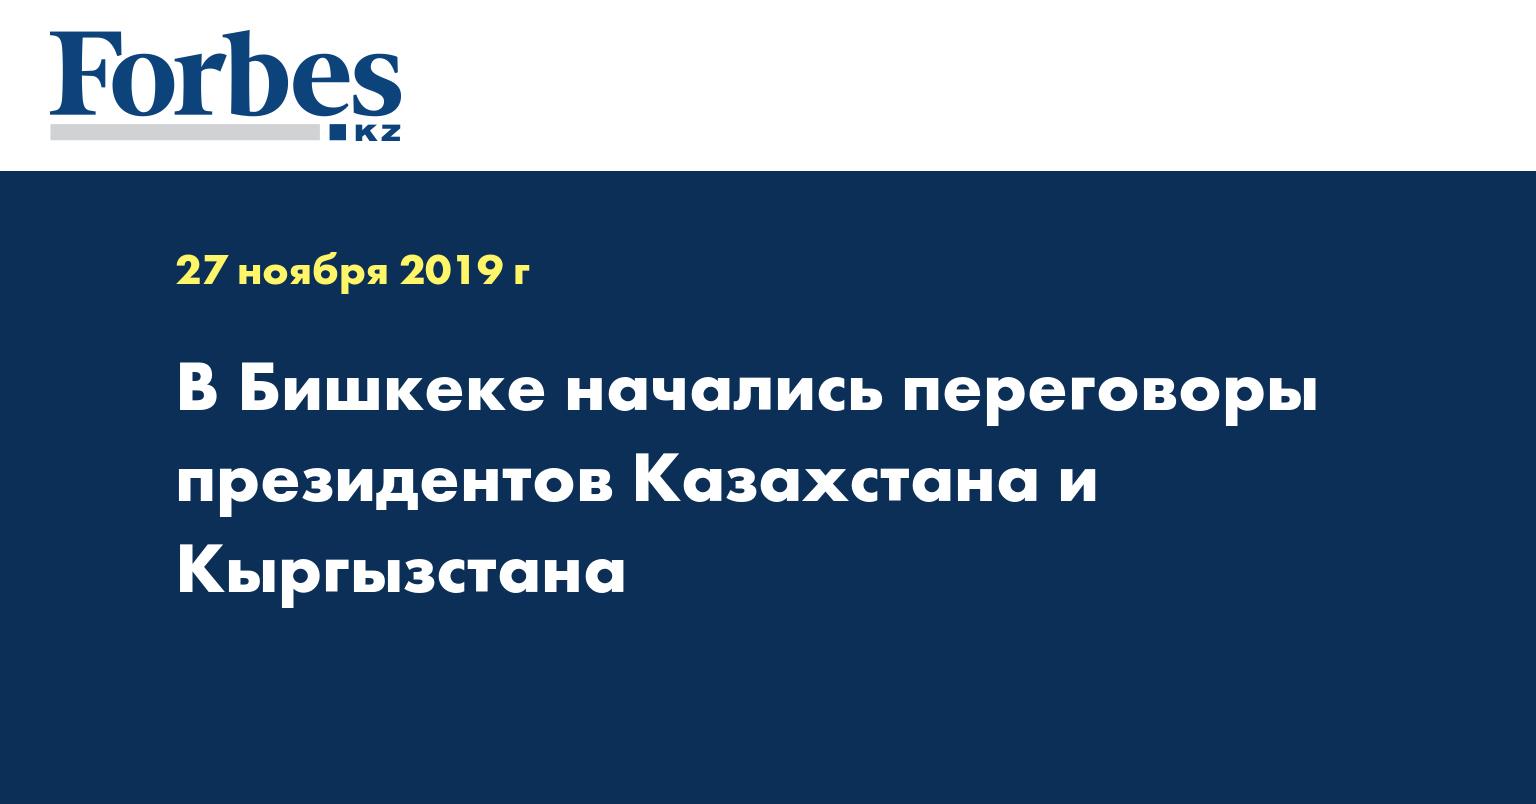 В Бишкеке начались переговоры президентов Казахстана и Кыргызстана